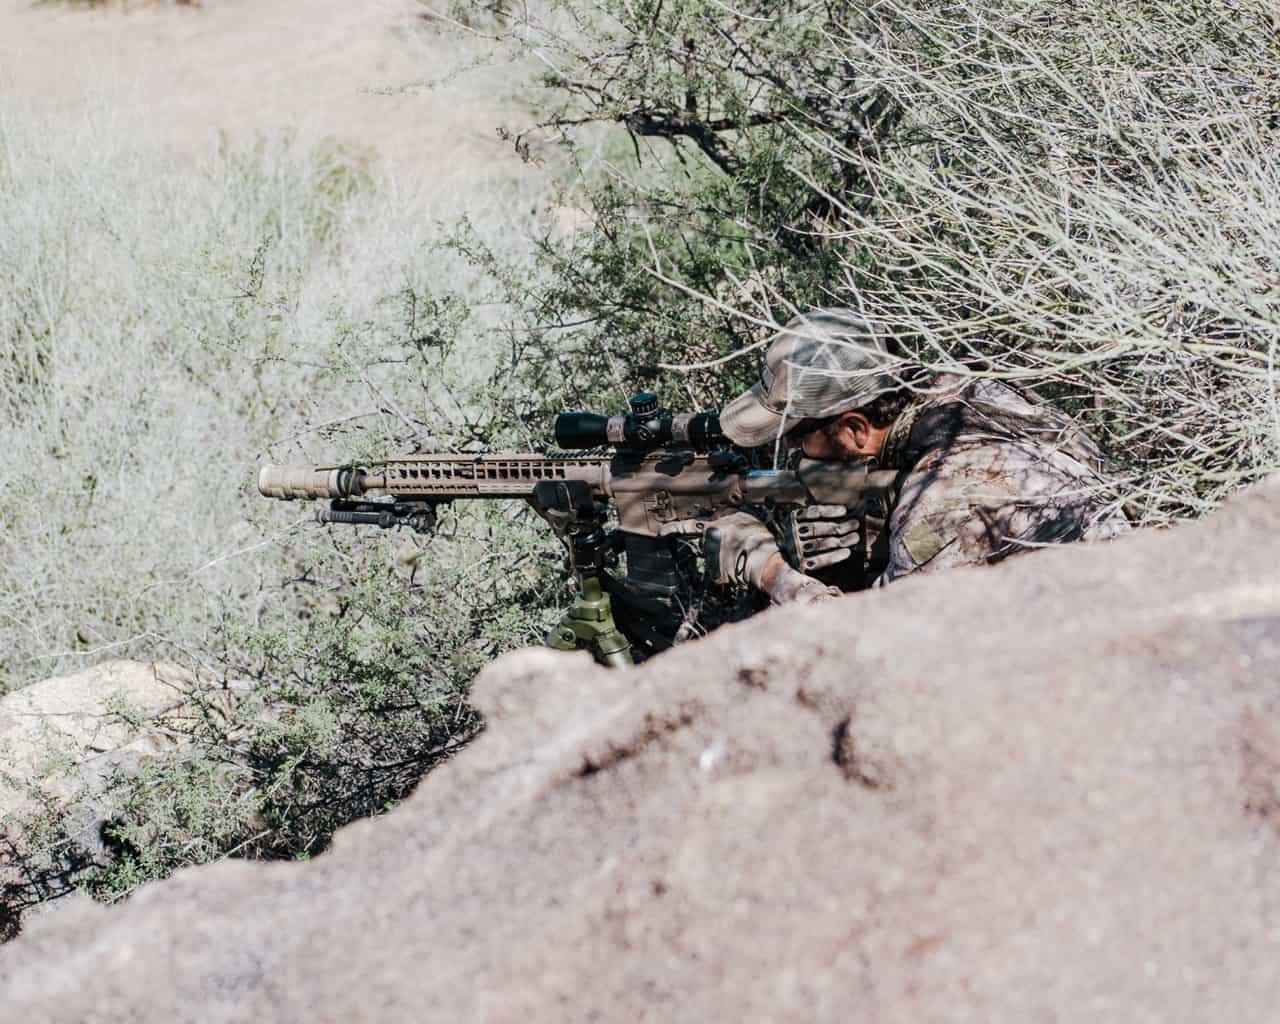 advanced-rural-sniper-course-8